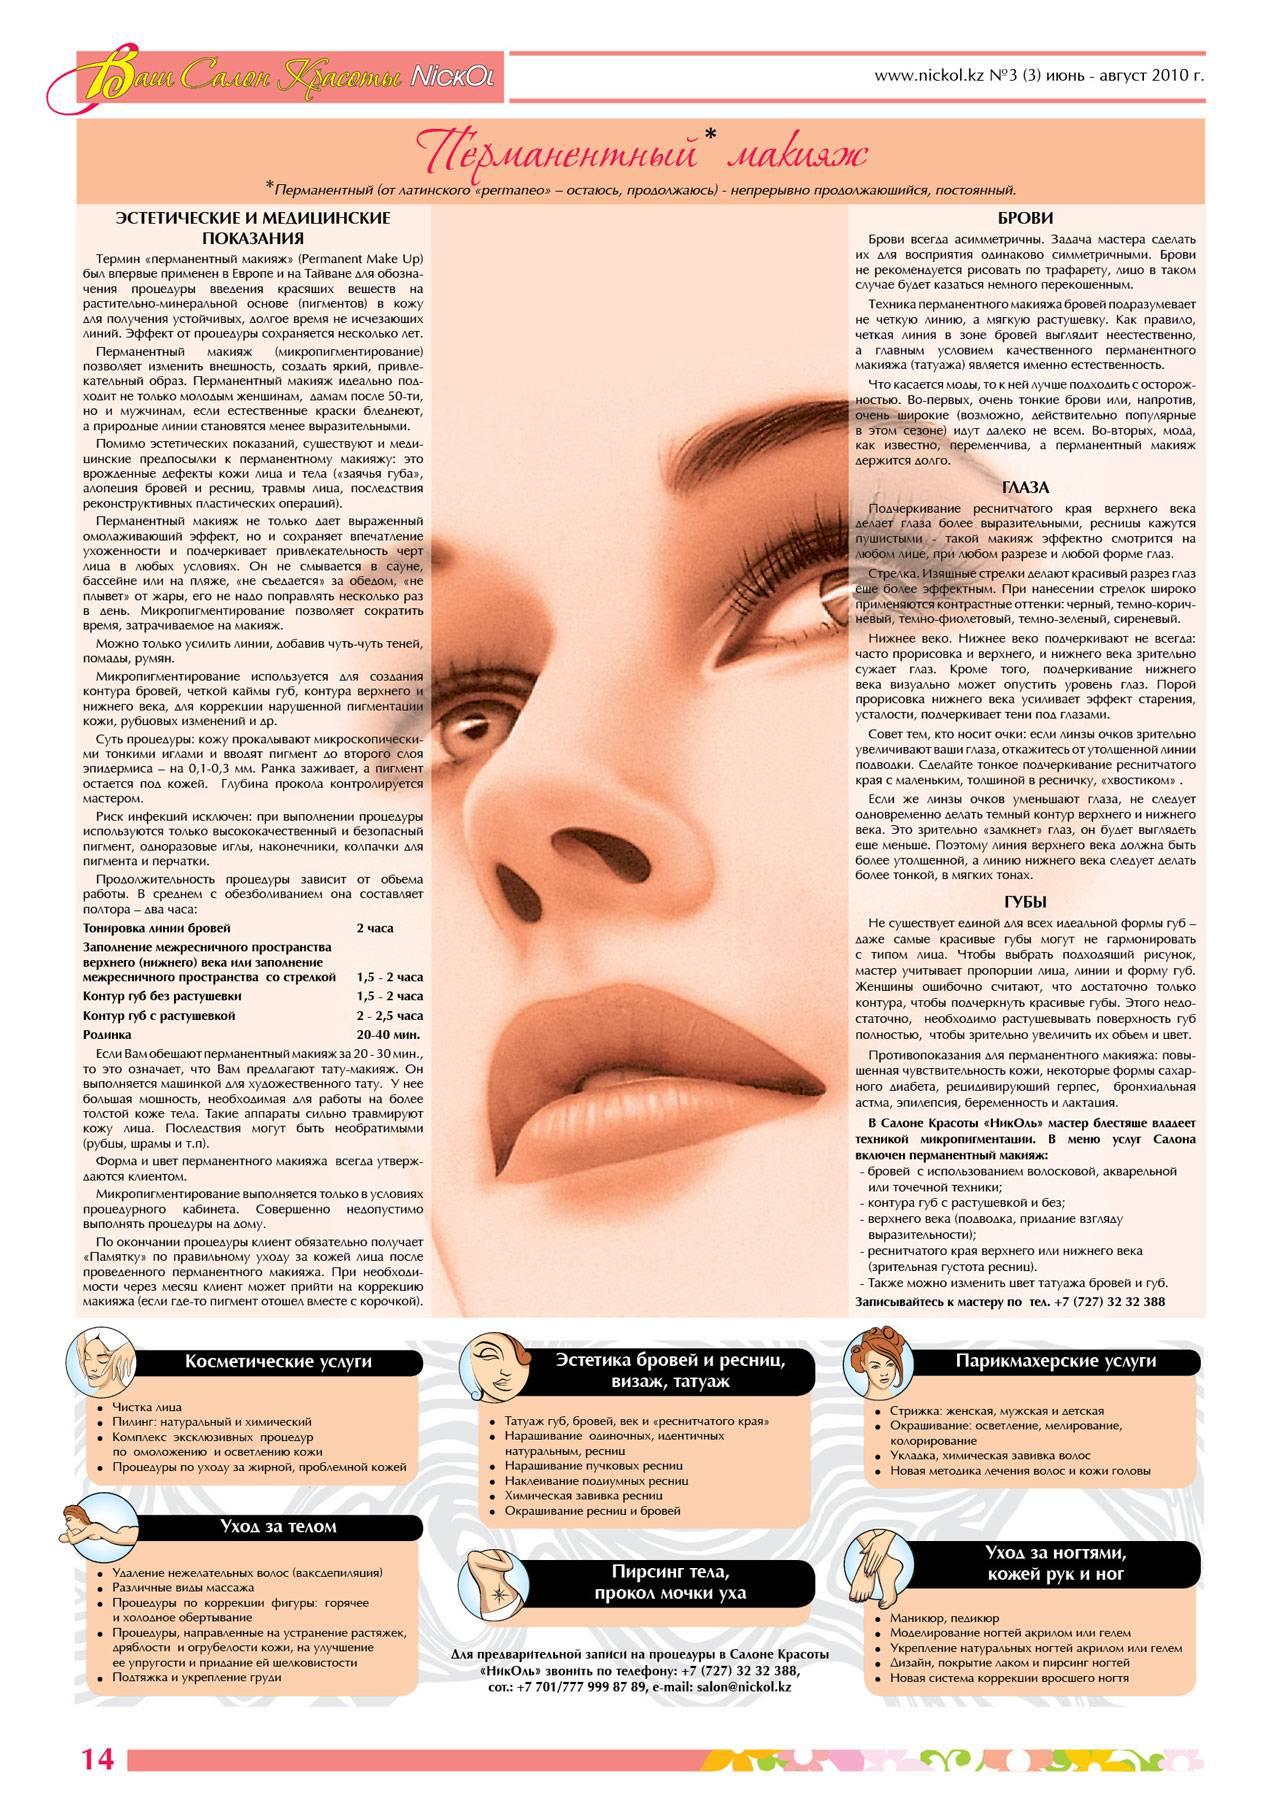 Сколько держится перманентный макияж глаз, как ухаживать, особенности процедуры.